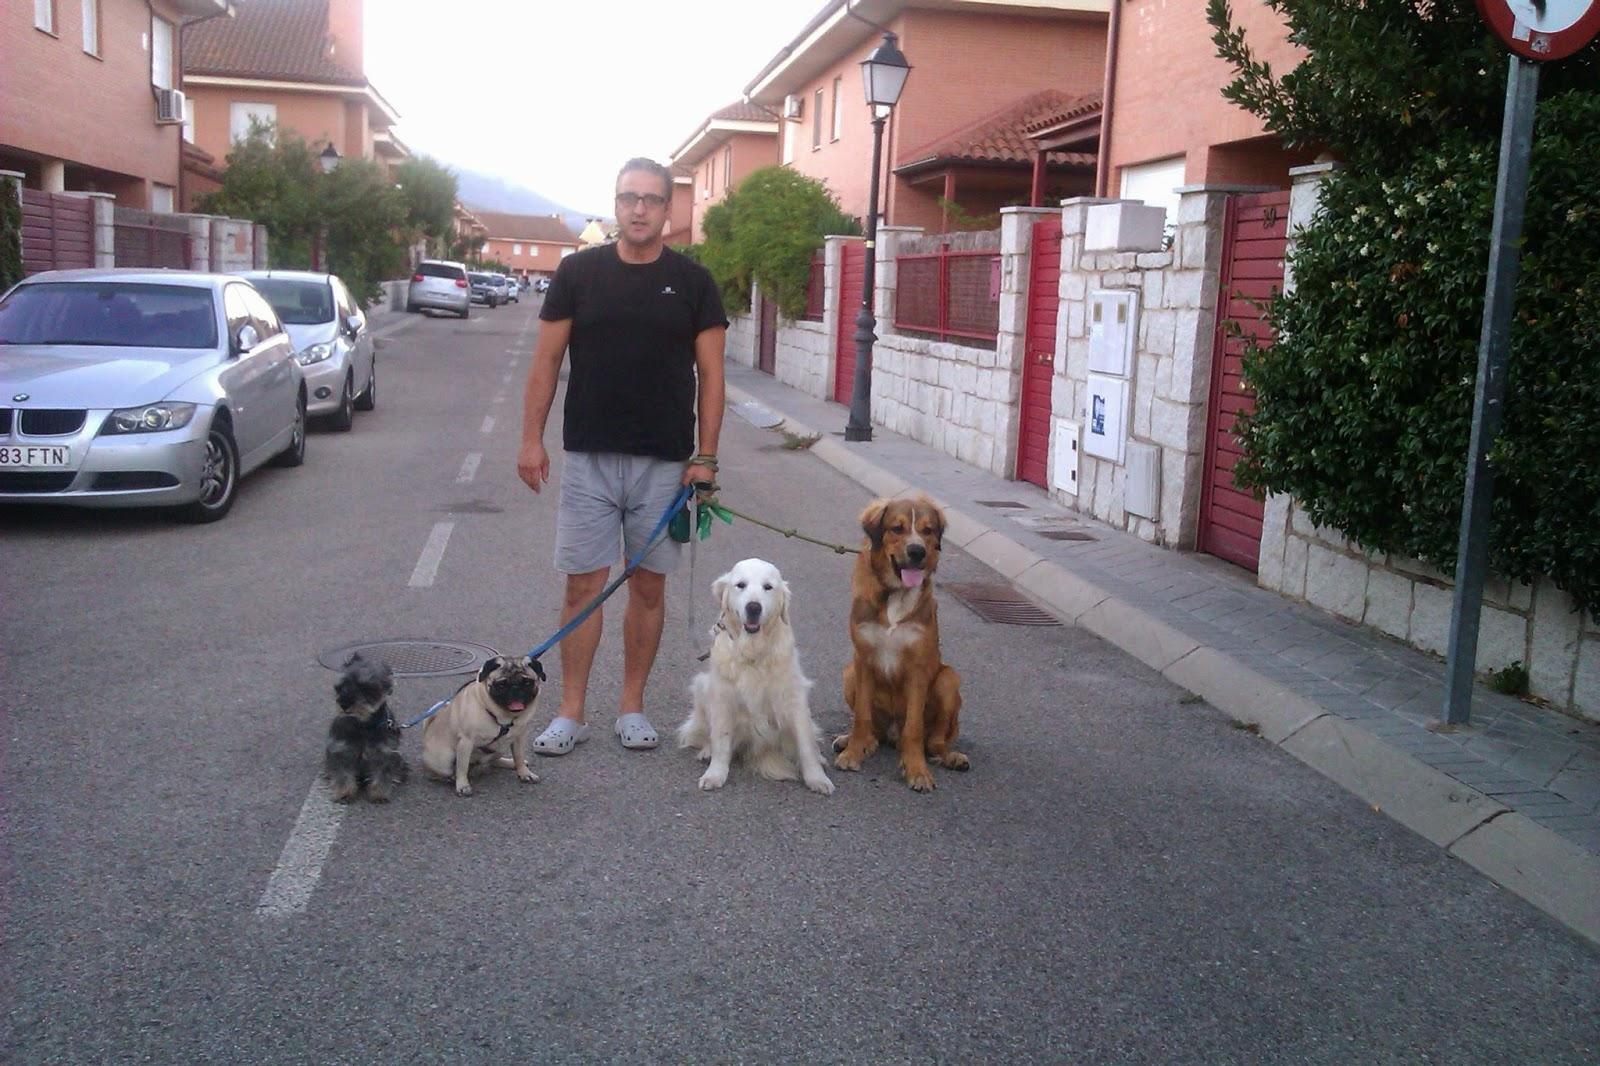 paseando los perros